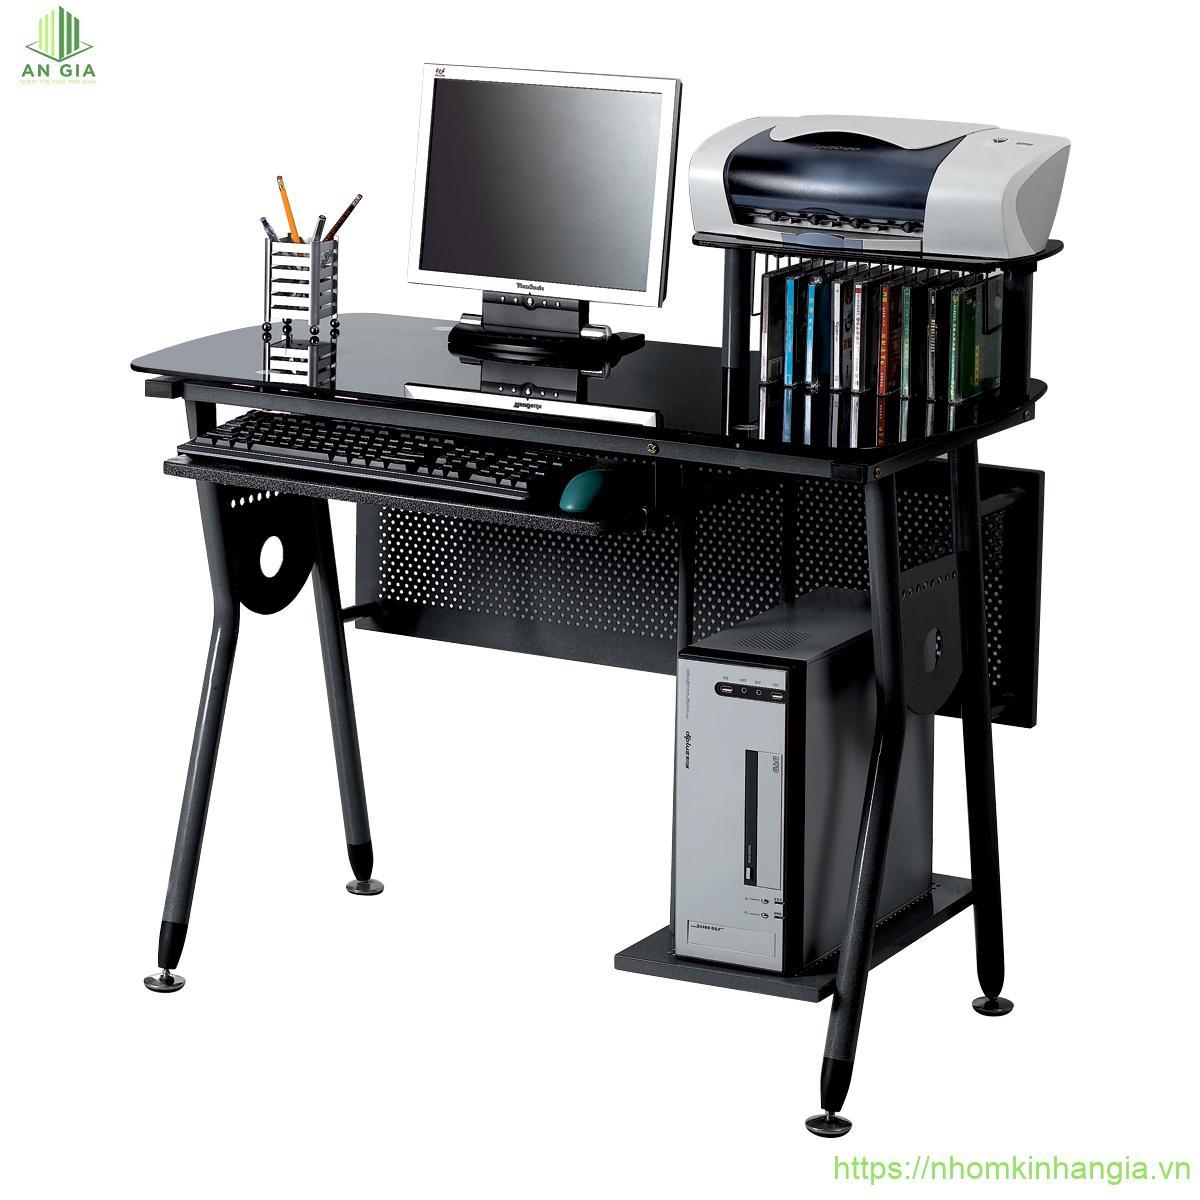 Mẫu 10: Tông màu đen của mẫu bàn kính cường lực máy tính này tạo nên sự sang trọng, chuyên nghiệp cho không gian làm việc